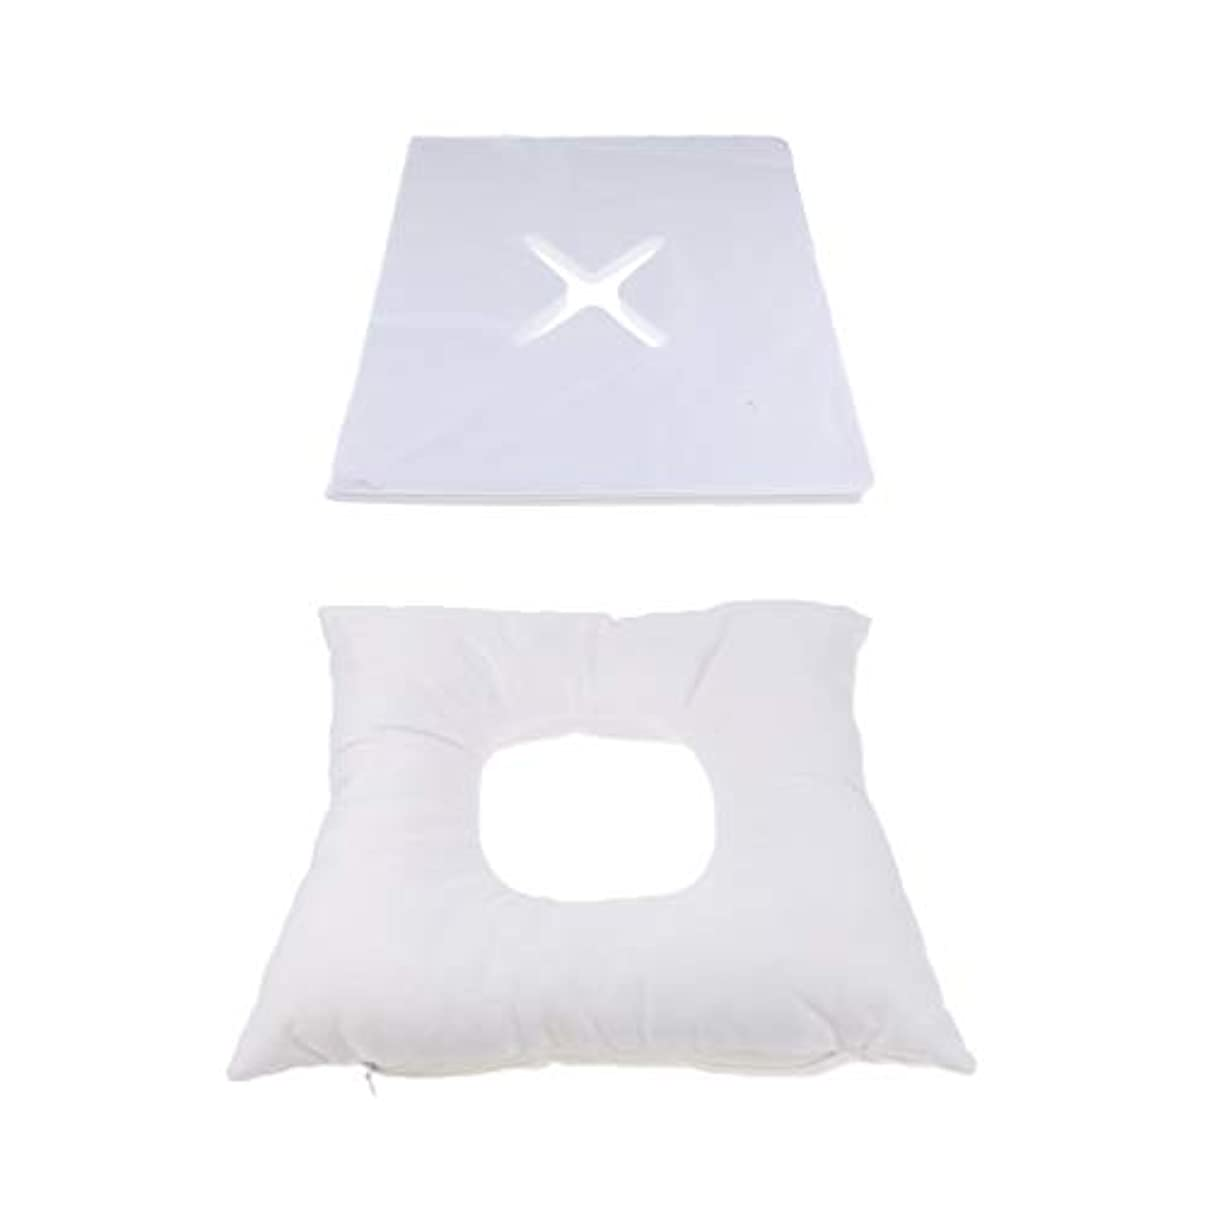 一緒にトリッキー視線フェイスマット マッサージ枕 顔枕 エステマクラ 200個使い捨てピローカバー付き サロン 家庭用